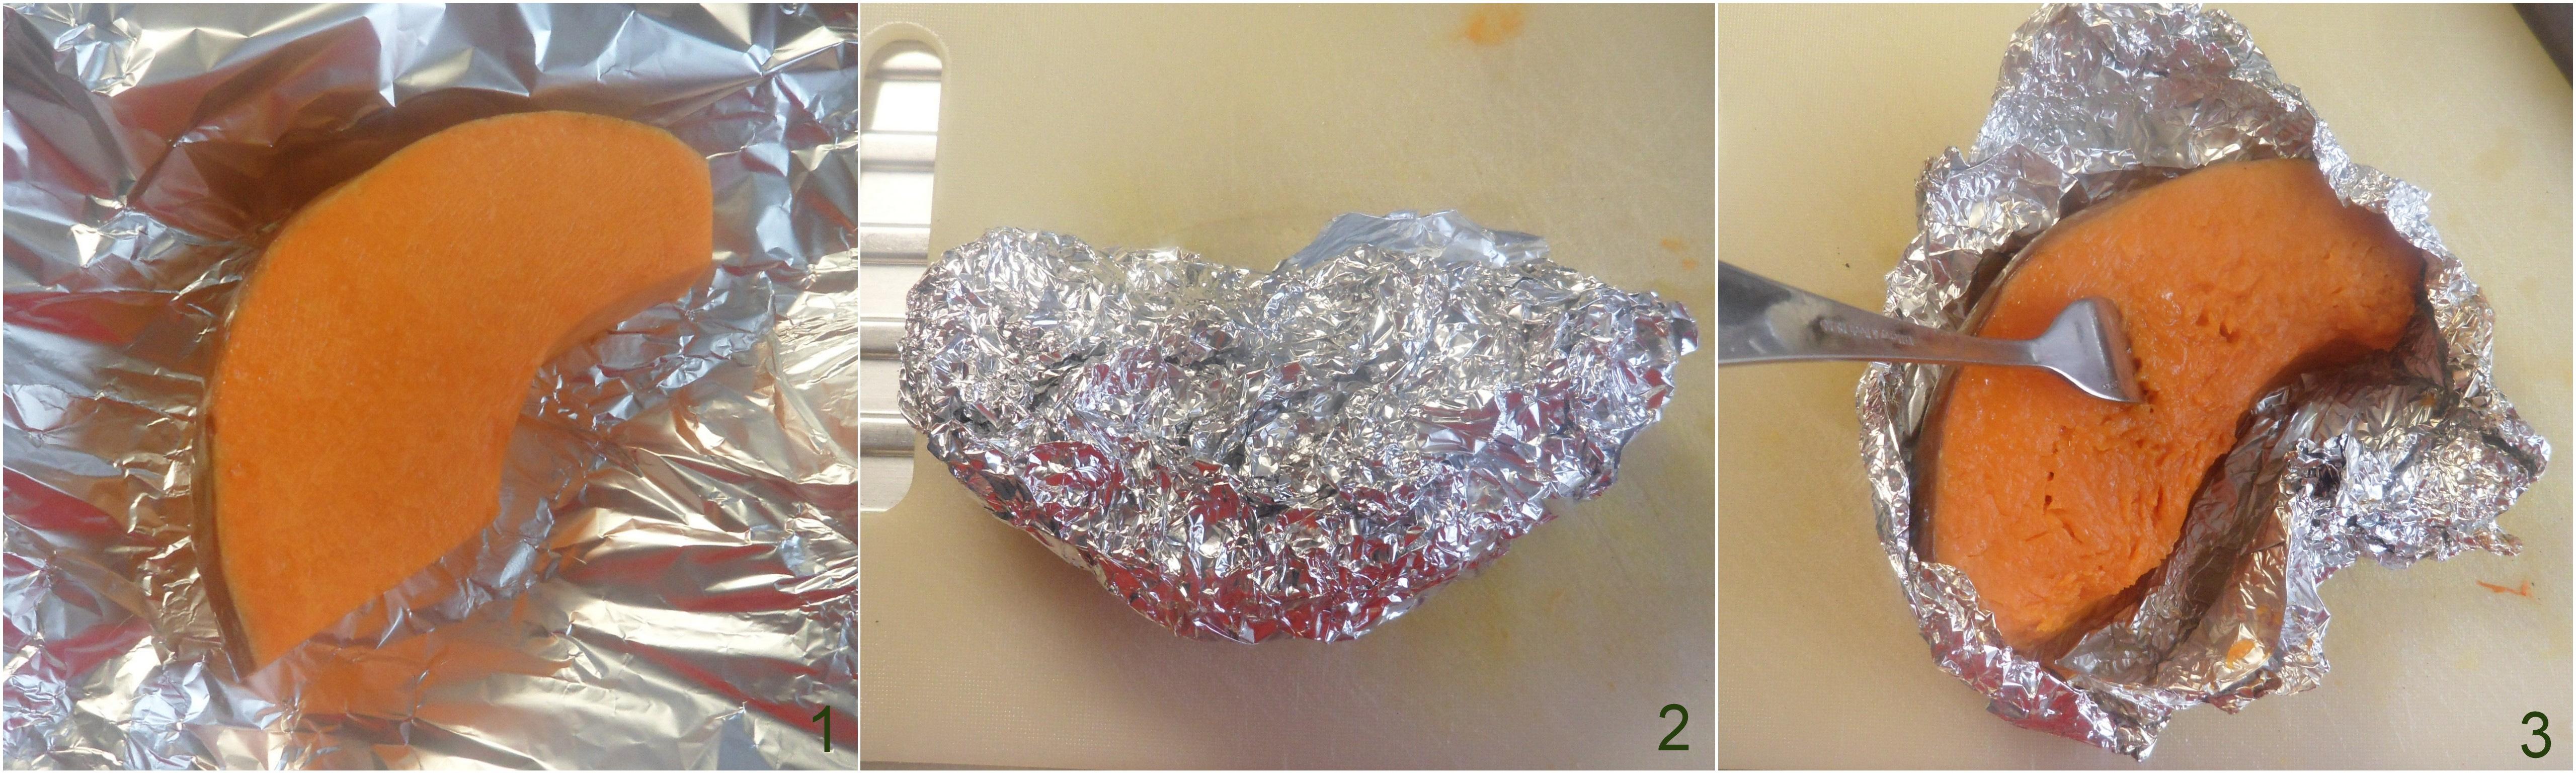 Plumcake salato alla zucca e speck soffice e saporito ricetta il chicco di mais 1 cuocere la zucca al cartoccio